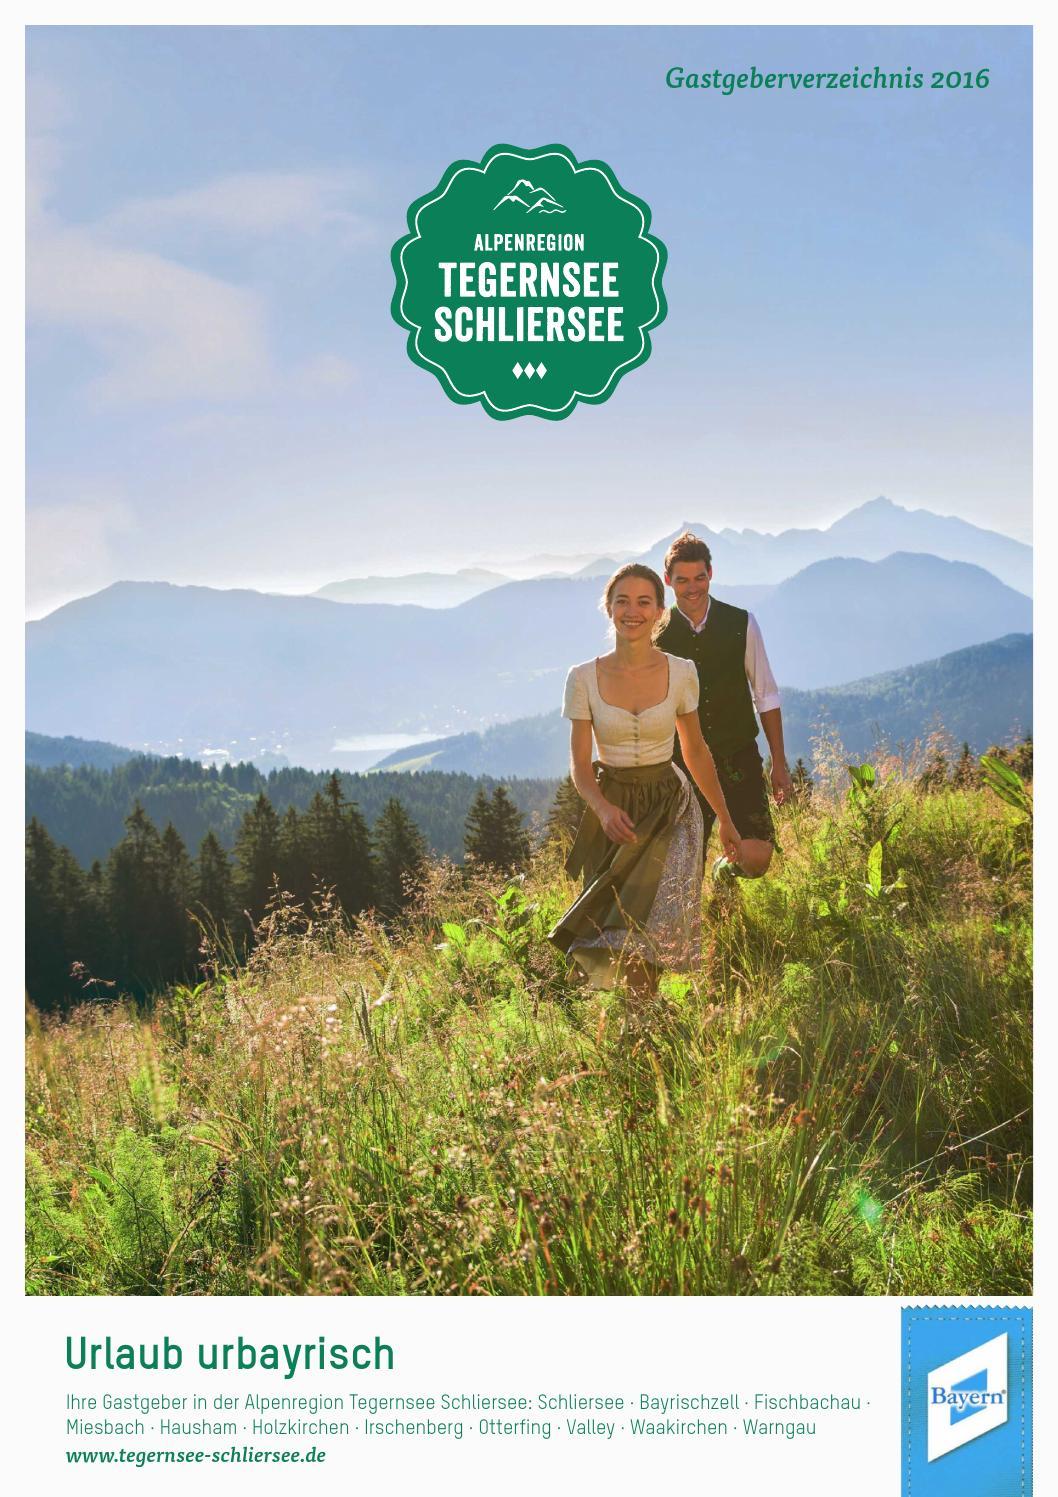 gastgeberverzeichnis der alpenregion tegernsee schliersee 2016 urlaub urbayrisch by thorsten. Black Bedroom Furniture Sets. Home Design Ideas